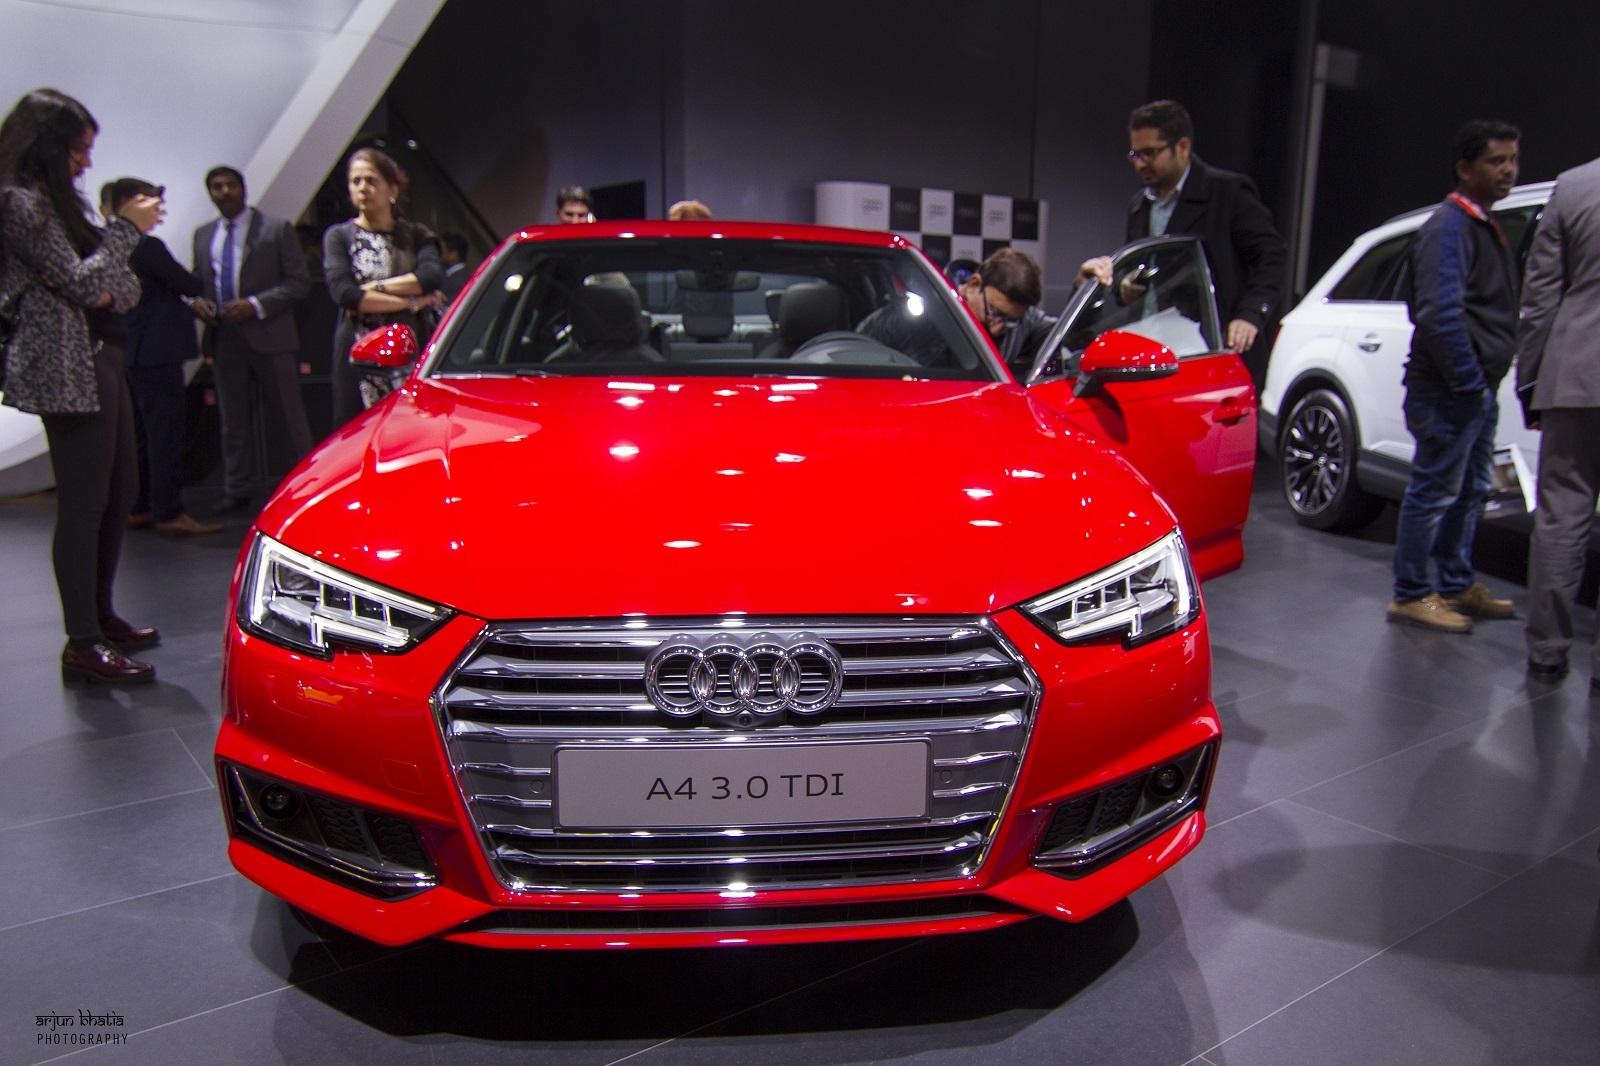 Audi A4 Delhi Auto Expo 2016 1